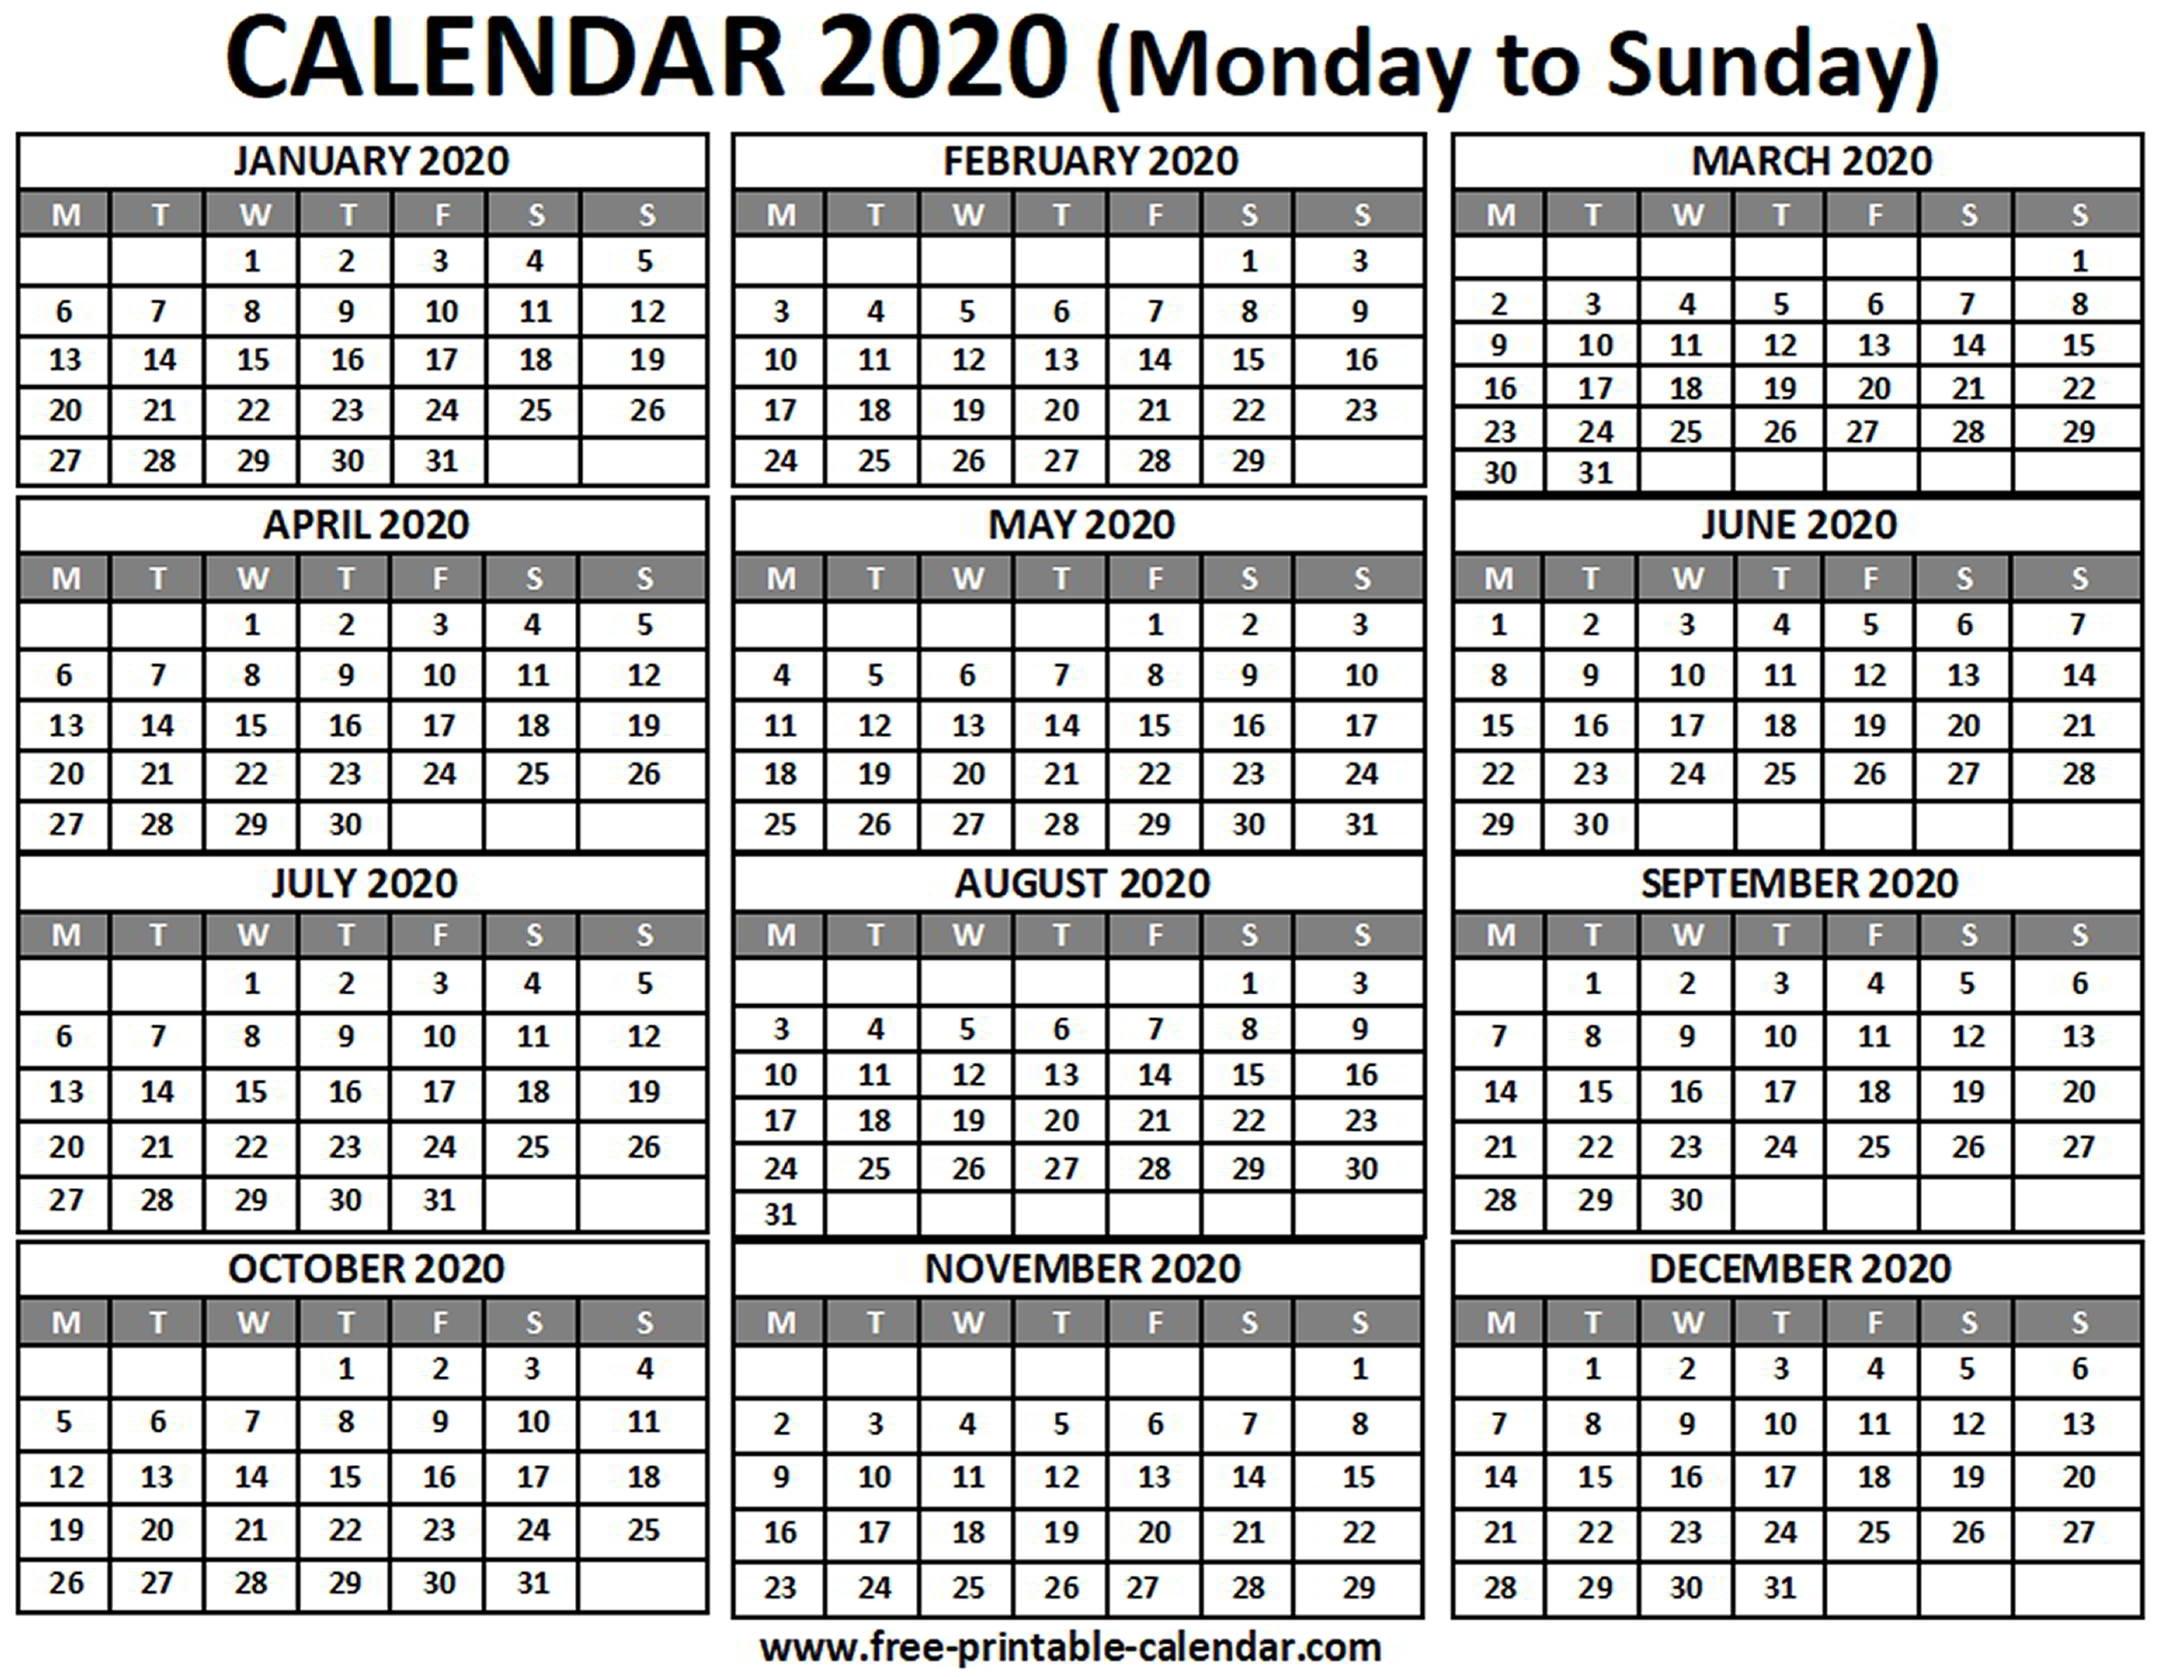 2020 Calendar - Free-Printable-Calendar throughout Calendar 2020 Monday - Sunday